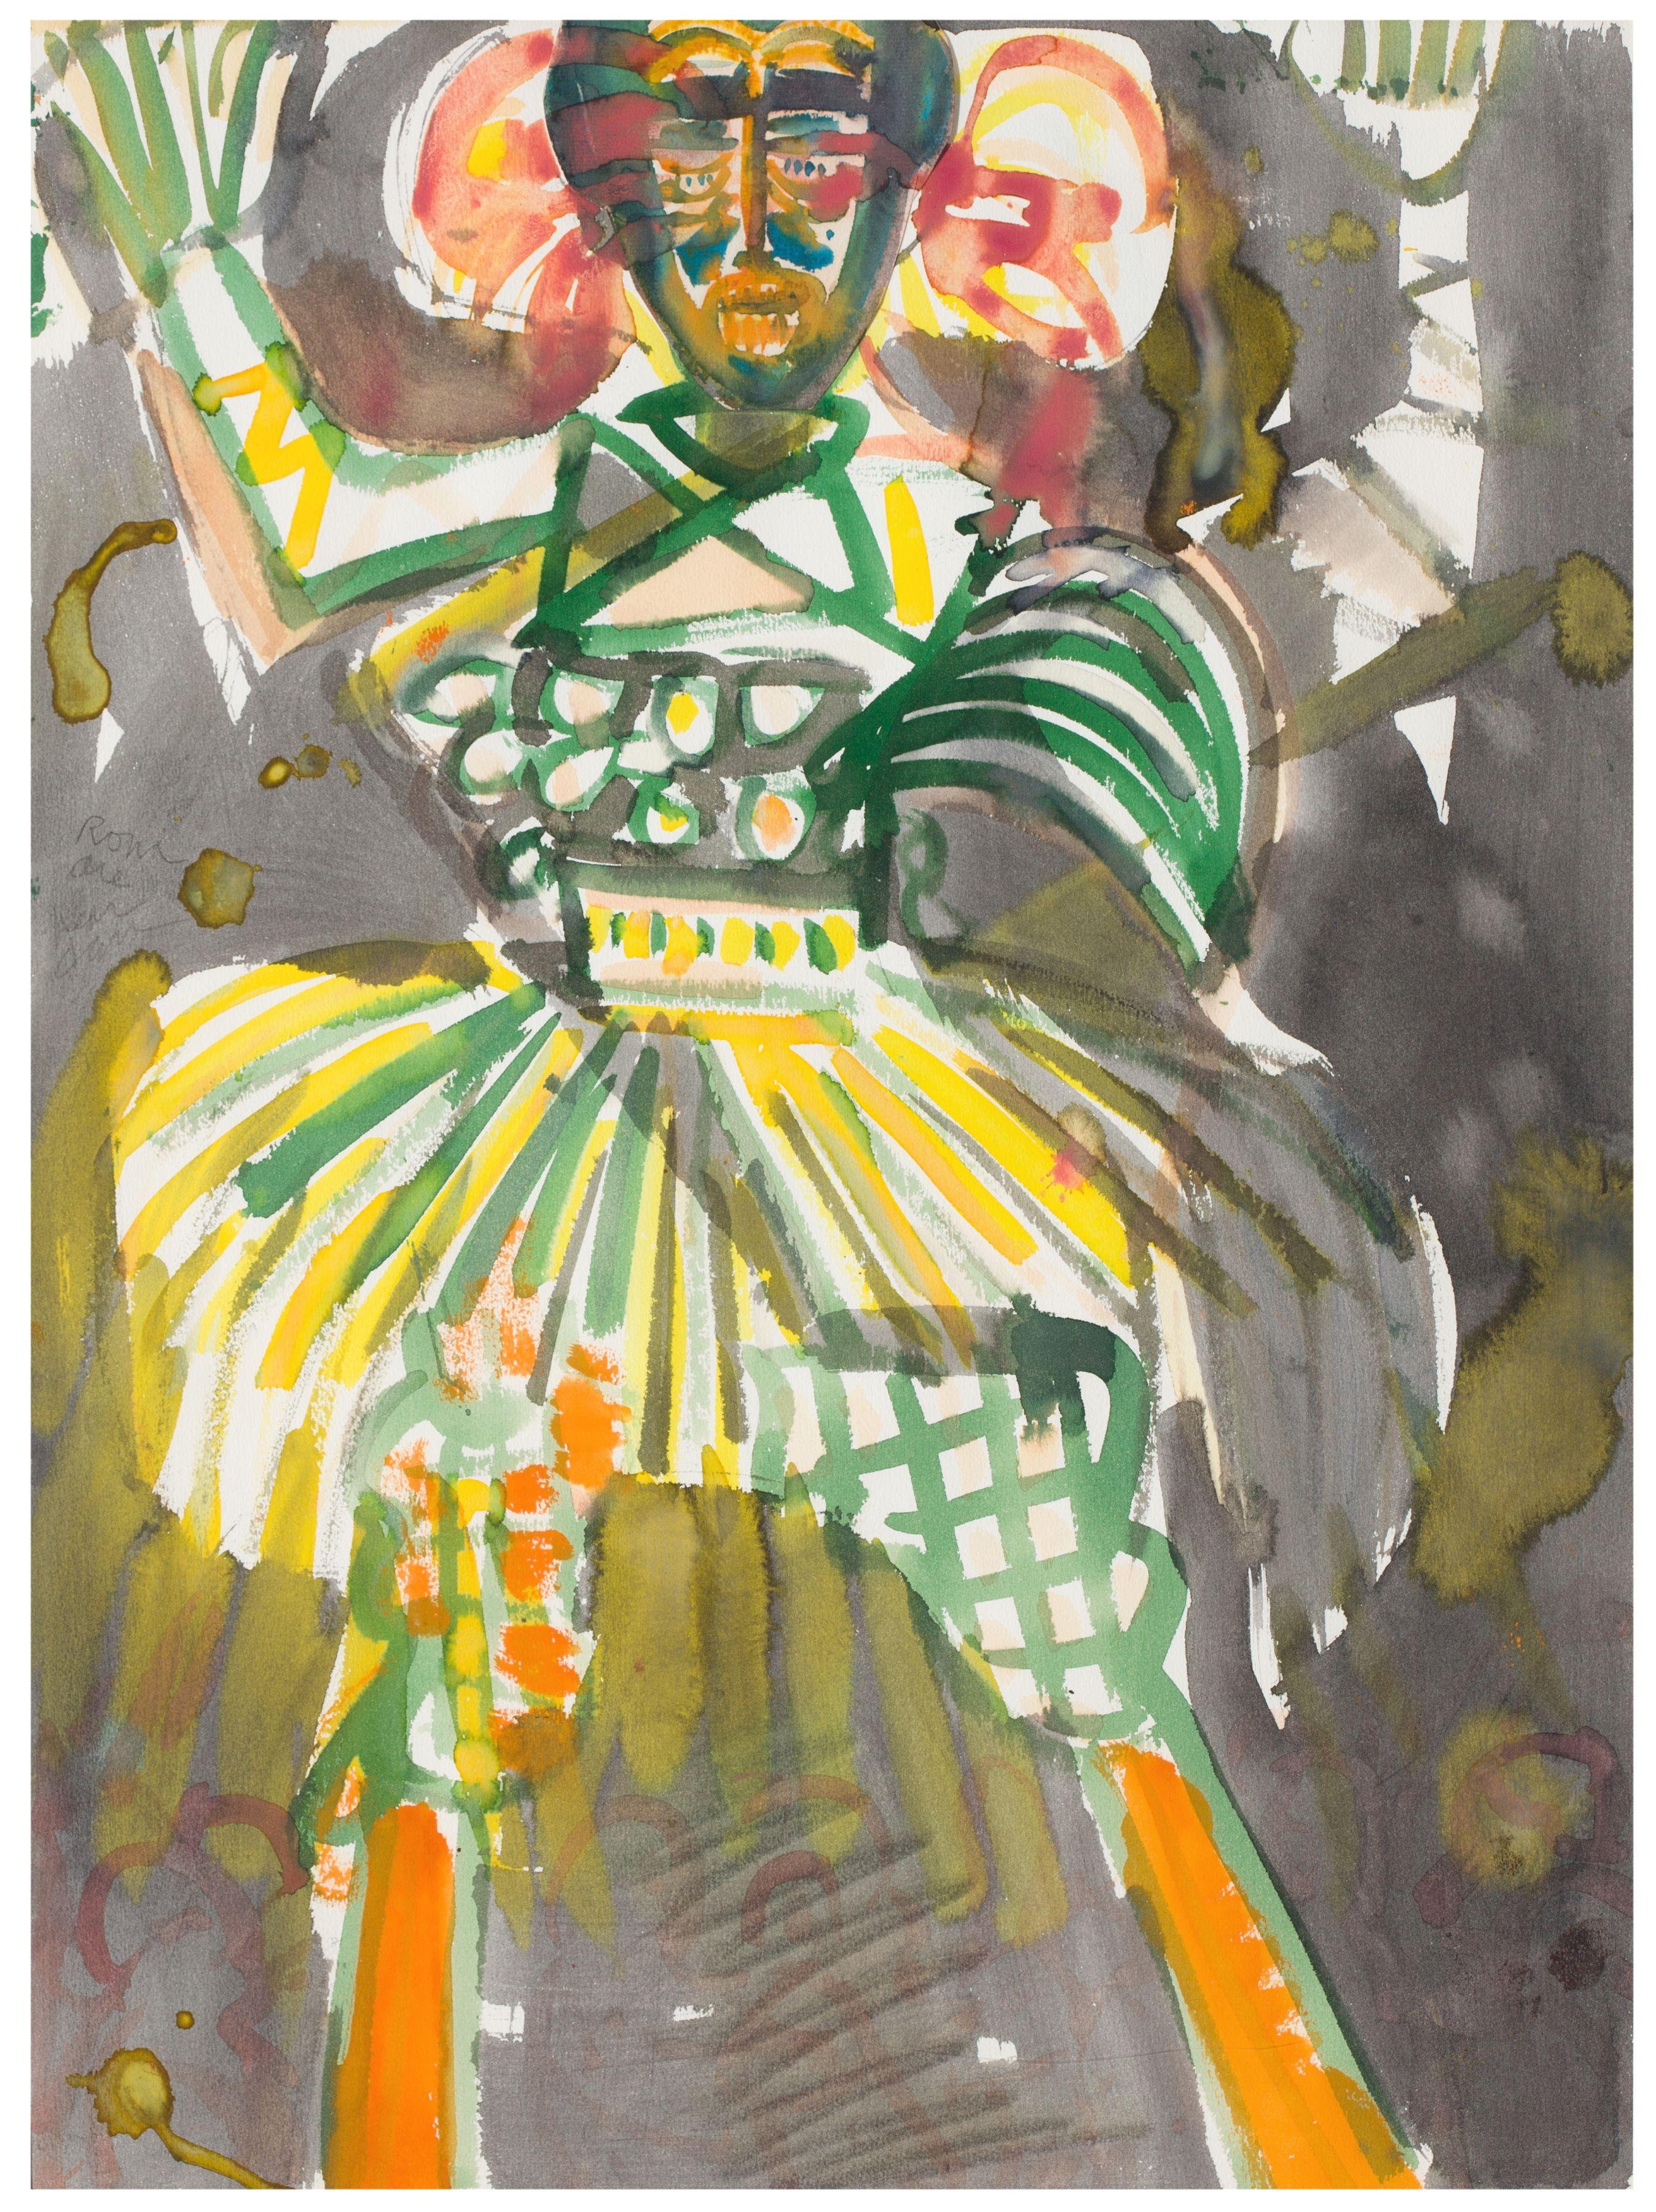 Carnival Stilt Walker, 1984-87